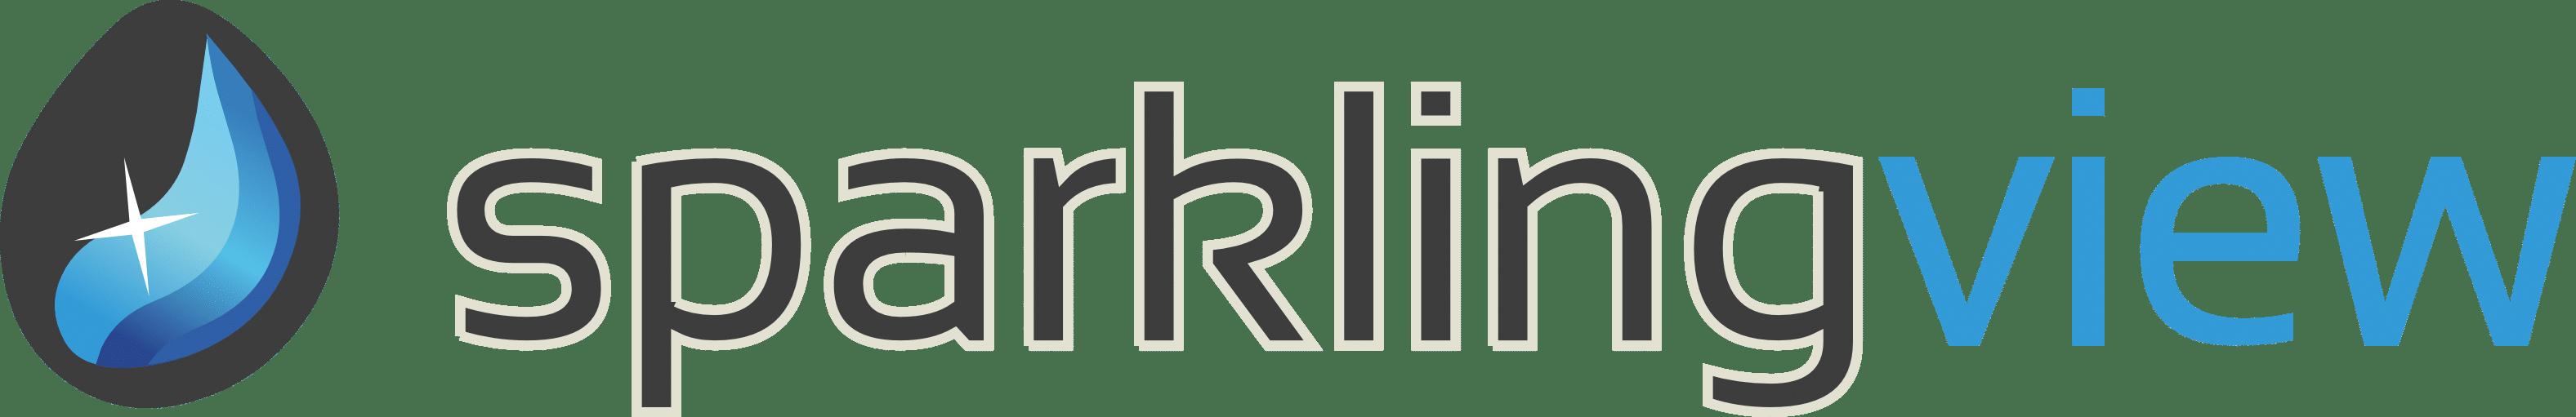 Sparkling View Logo